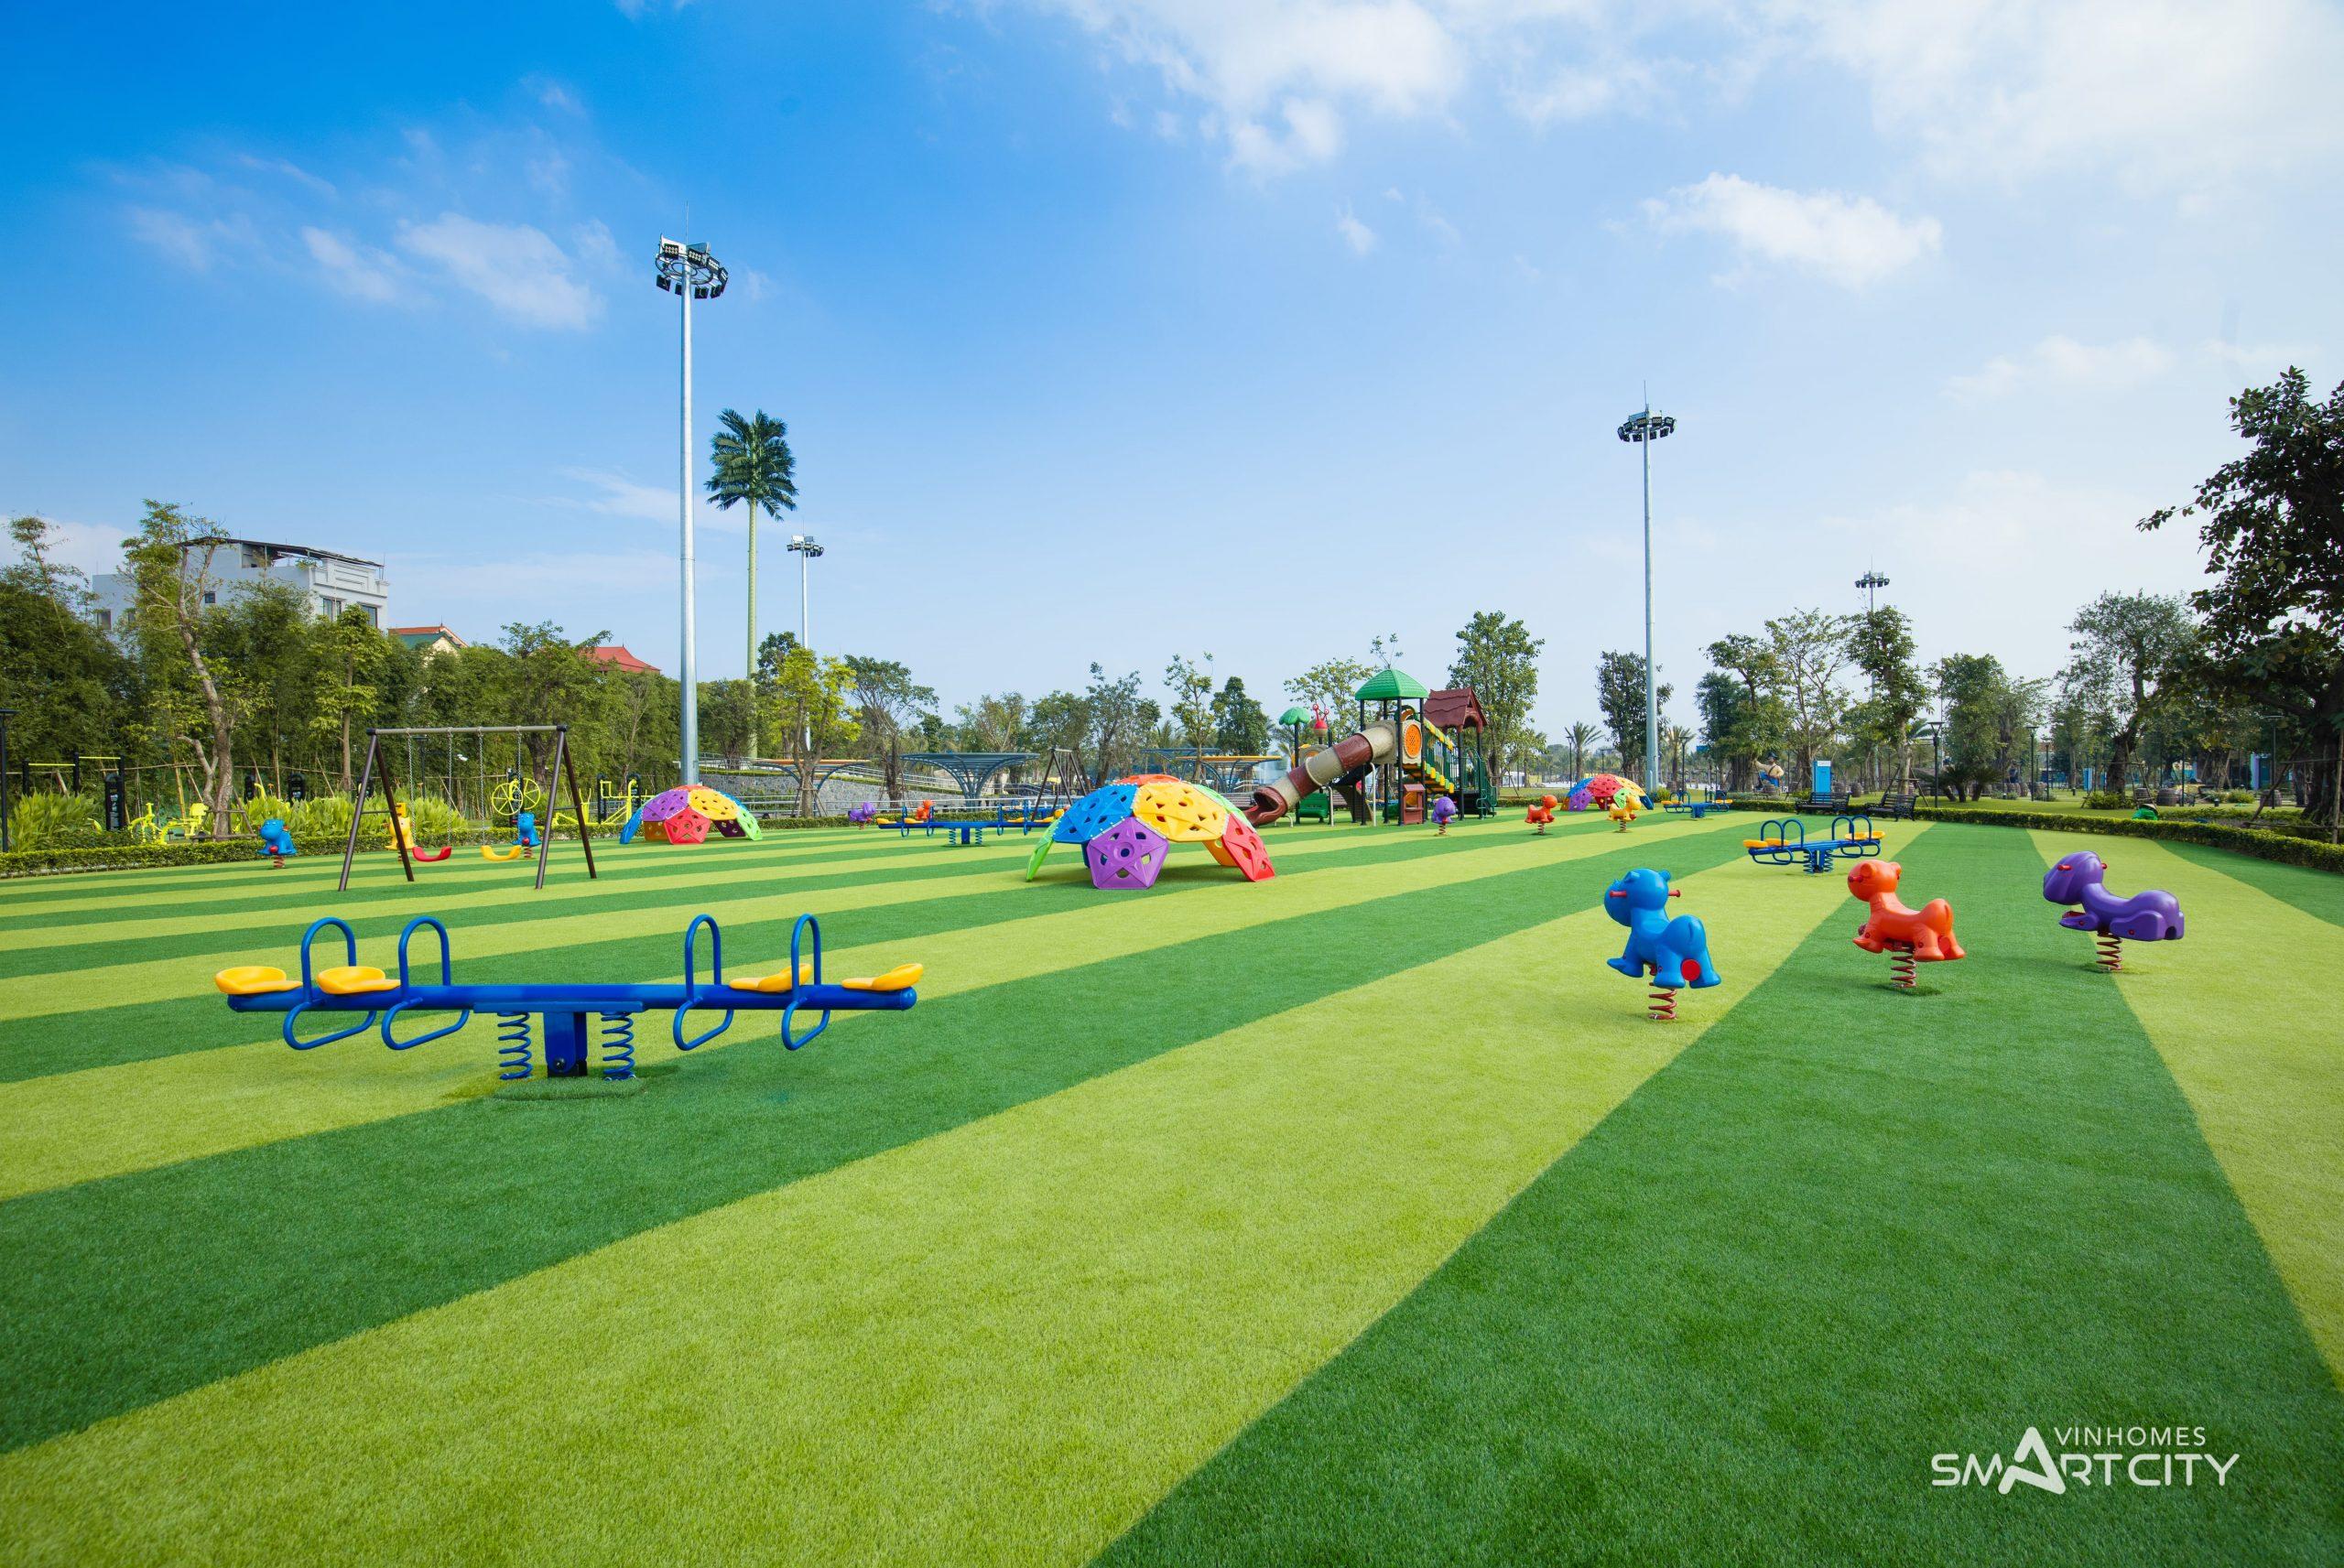 Khu vui chơi trẻ em tại Vinhomes Smart City